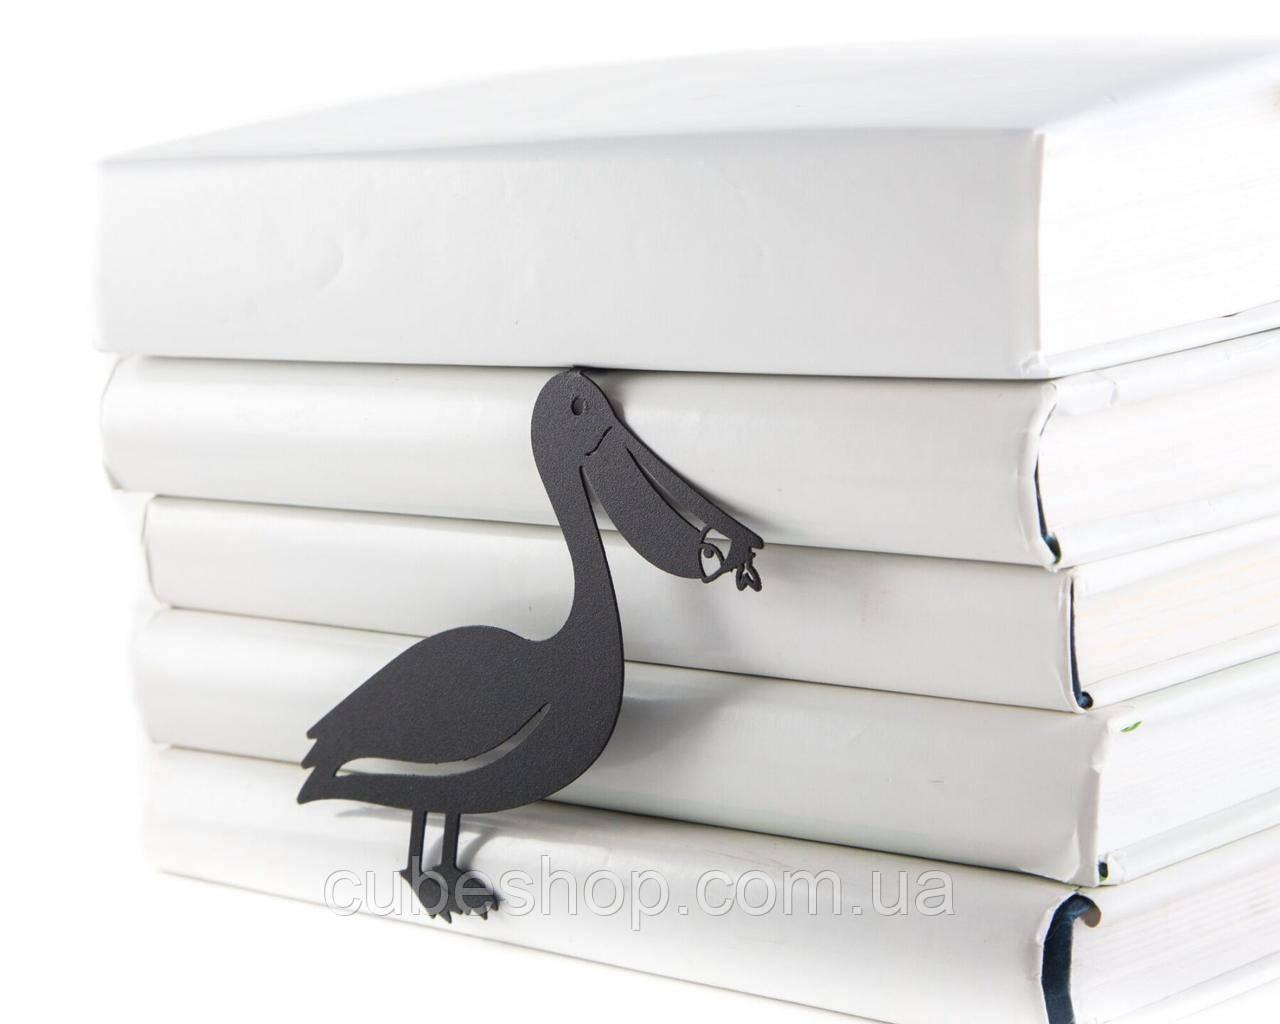 Закладка для книг Пеликан